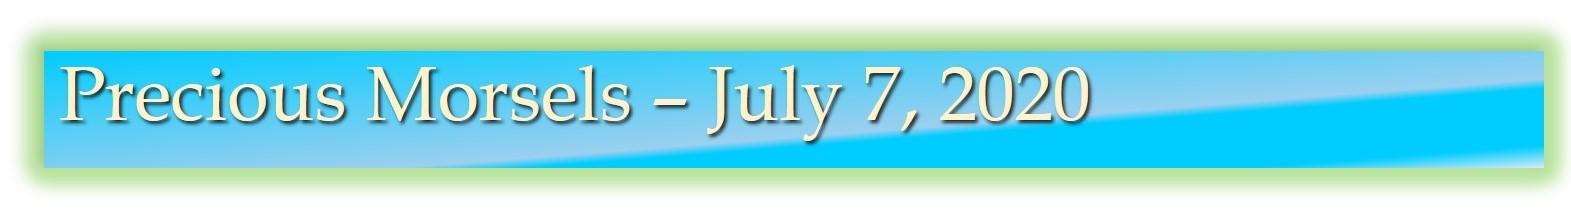 Precious Morsels July 7, 2020